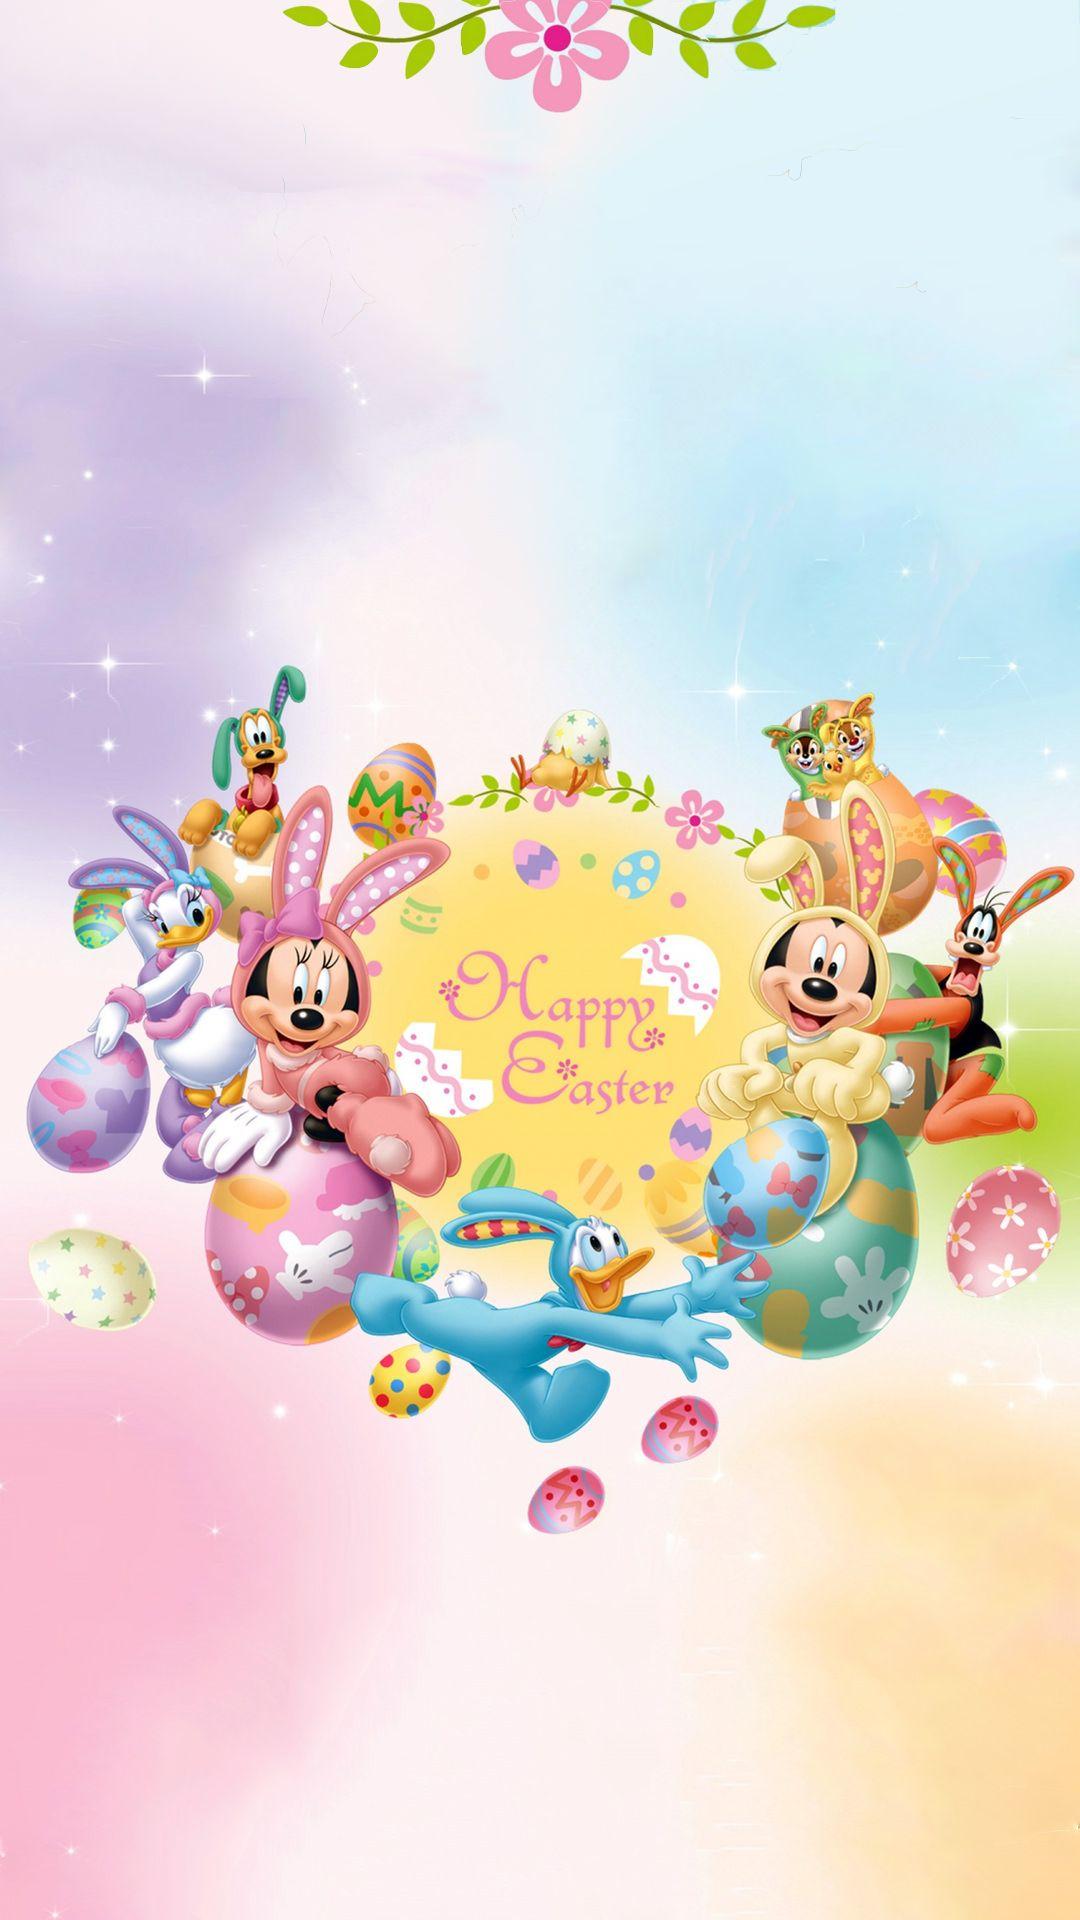 Disney Easter Iphone Wallpaper ディズニー 春 壁紙 ディズニー